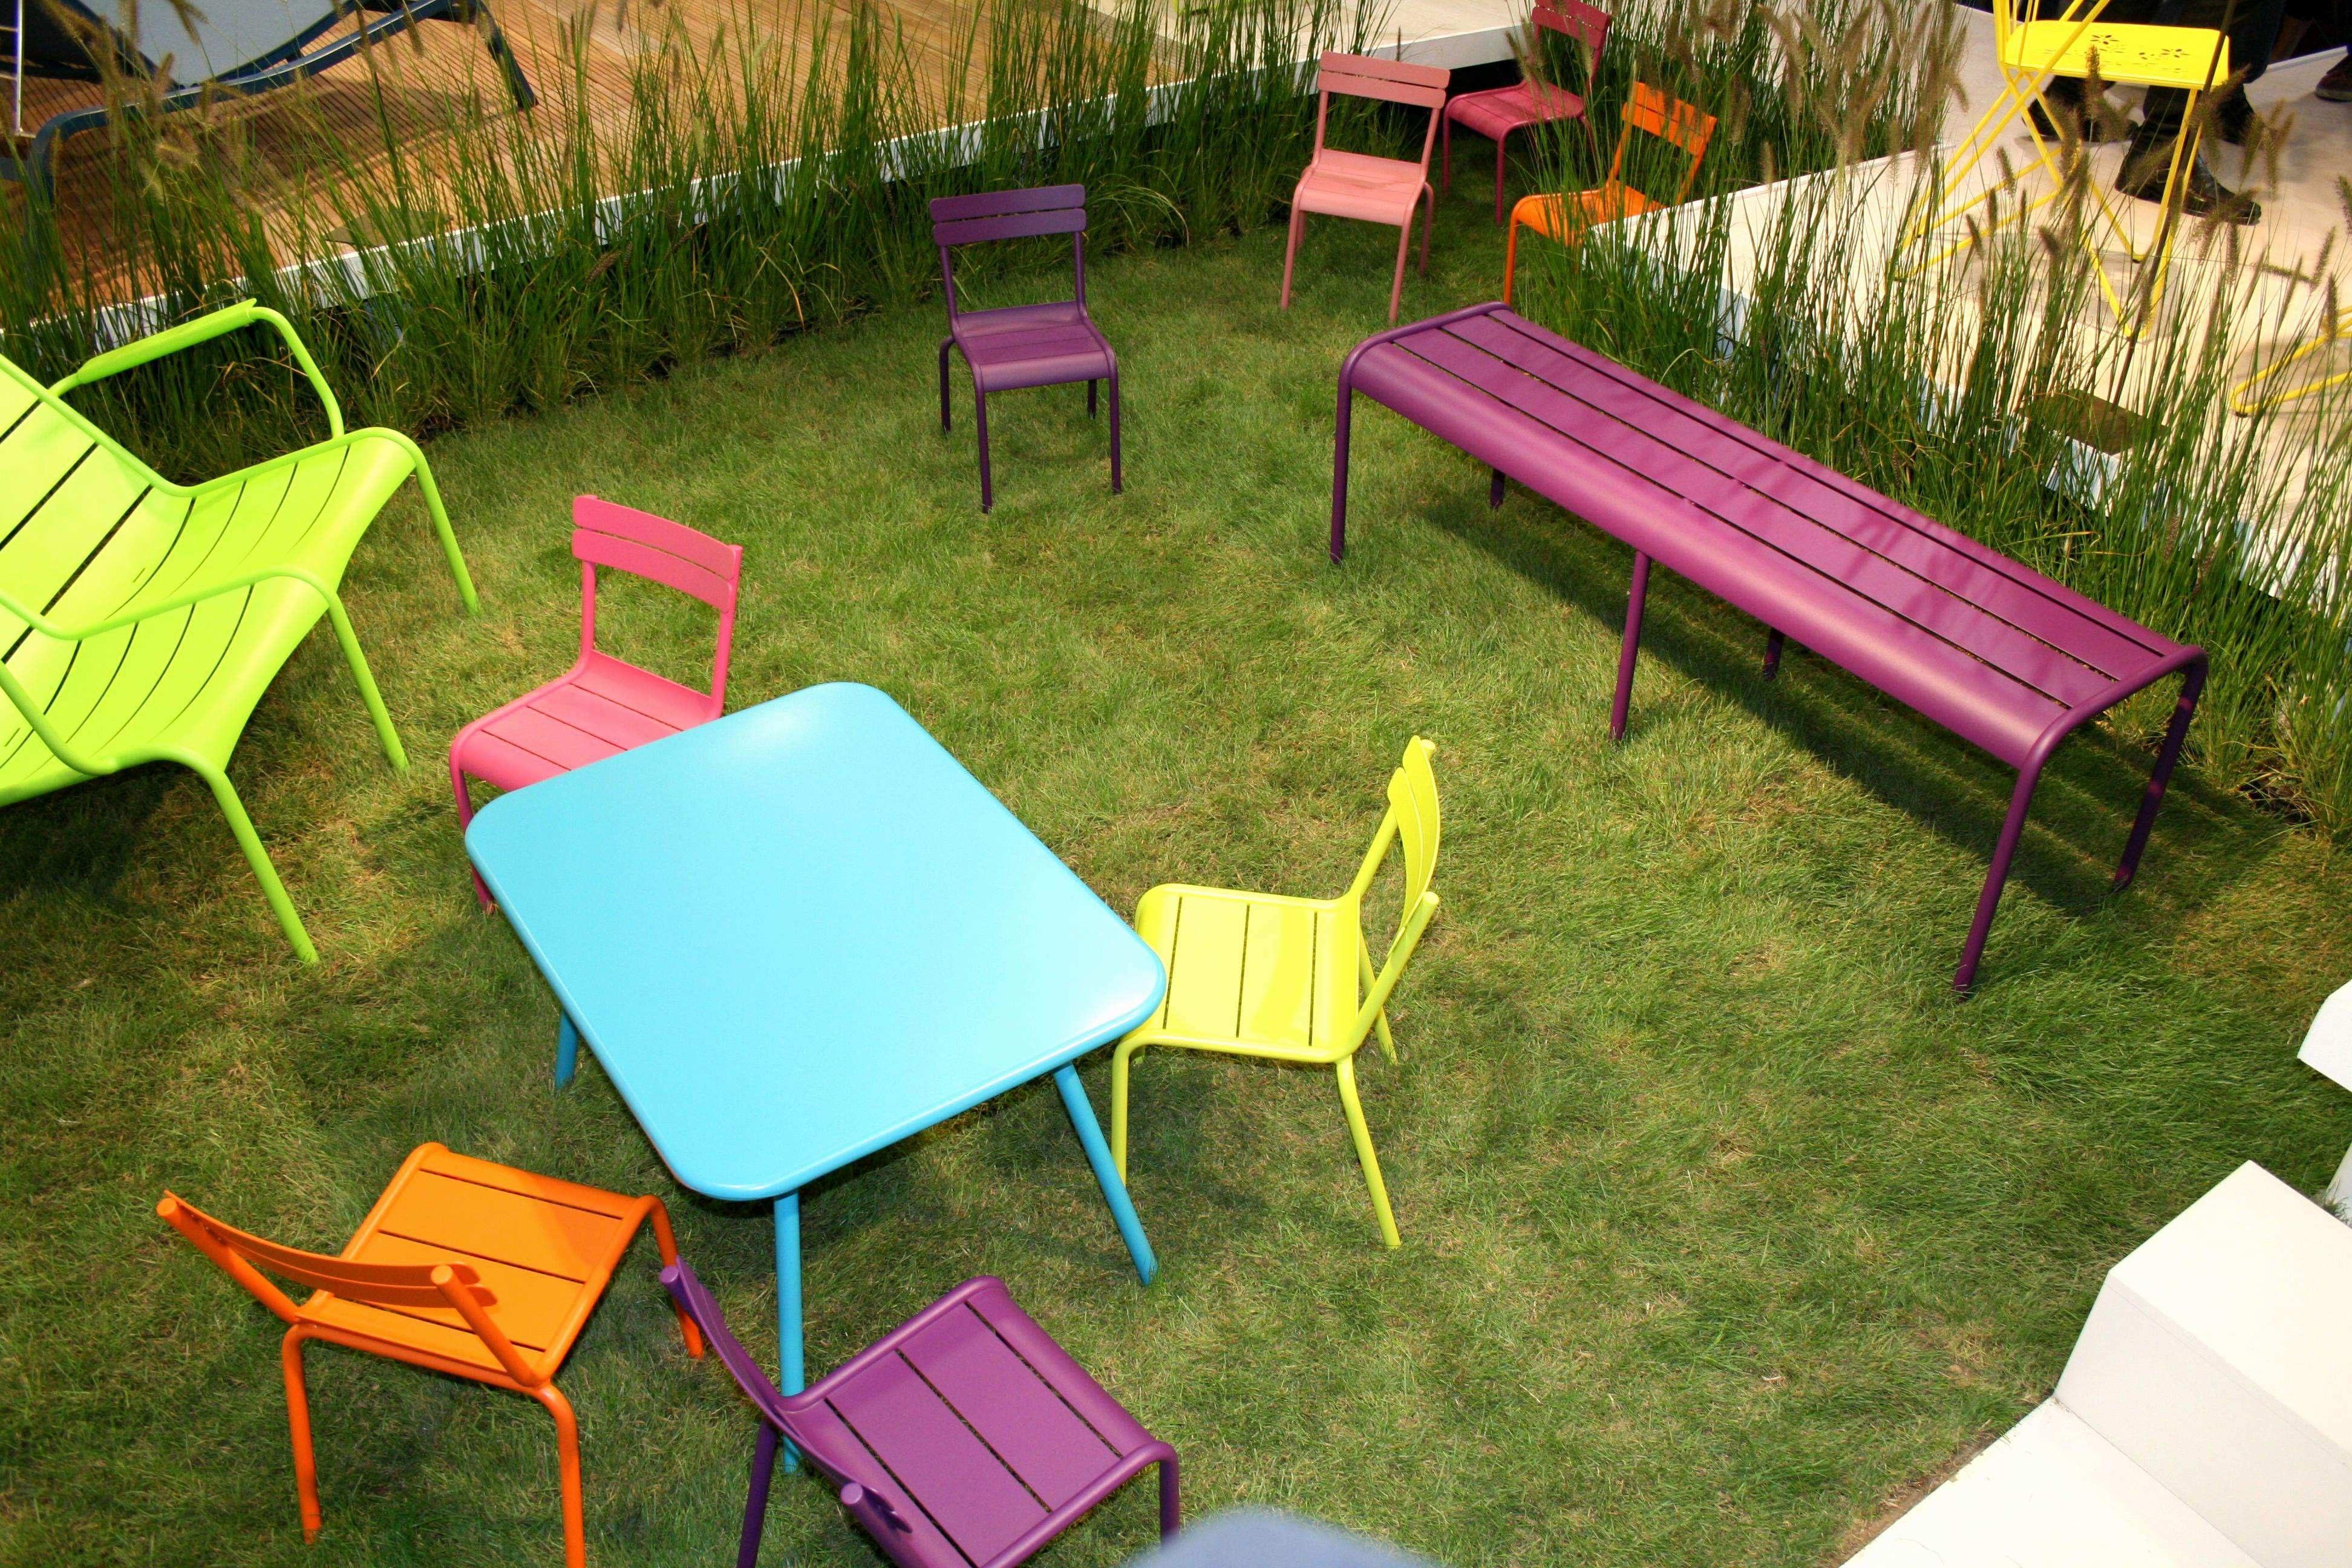 Lit De Jardin Pas Cher Frais Lit Jardin Meilleur De Tete De Lit Luxe Beau Lit Meuble 0d Archives